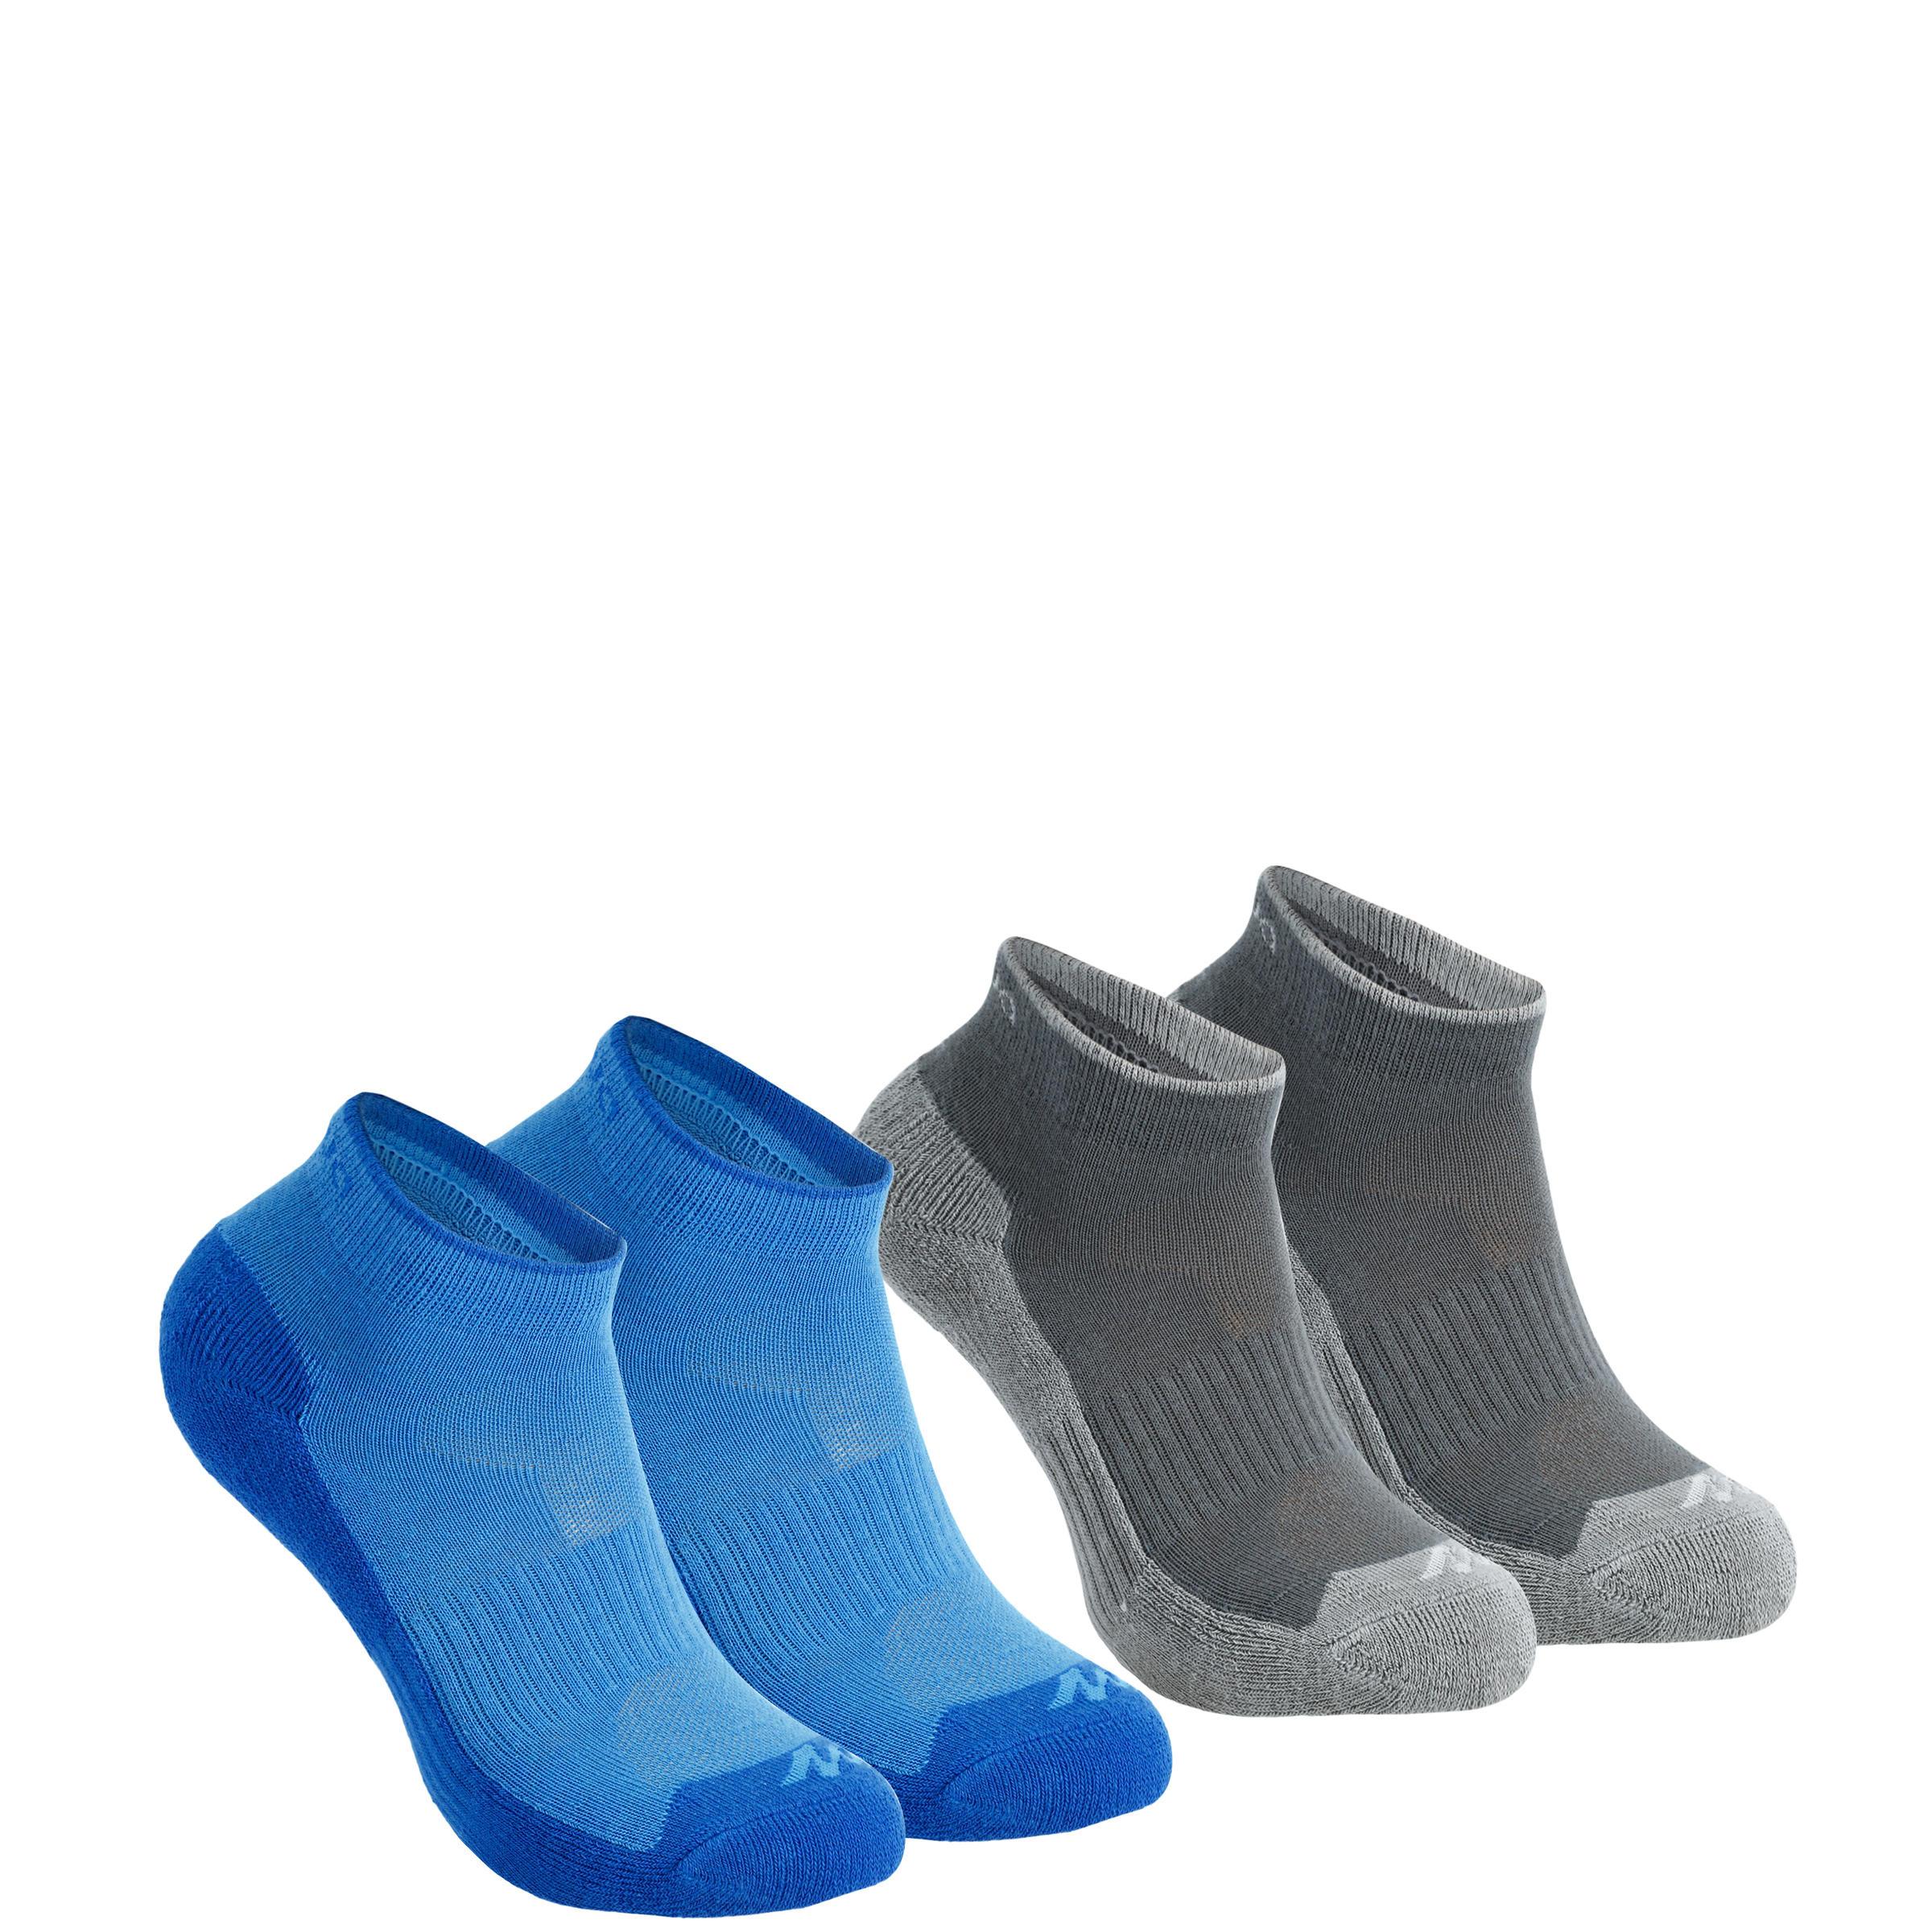 2 pares de calcetines de campismo cortos niños A 50 MID azul y gris